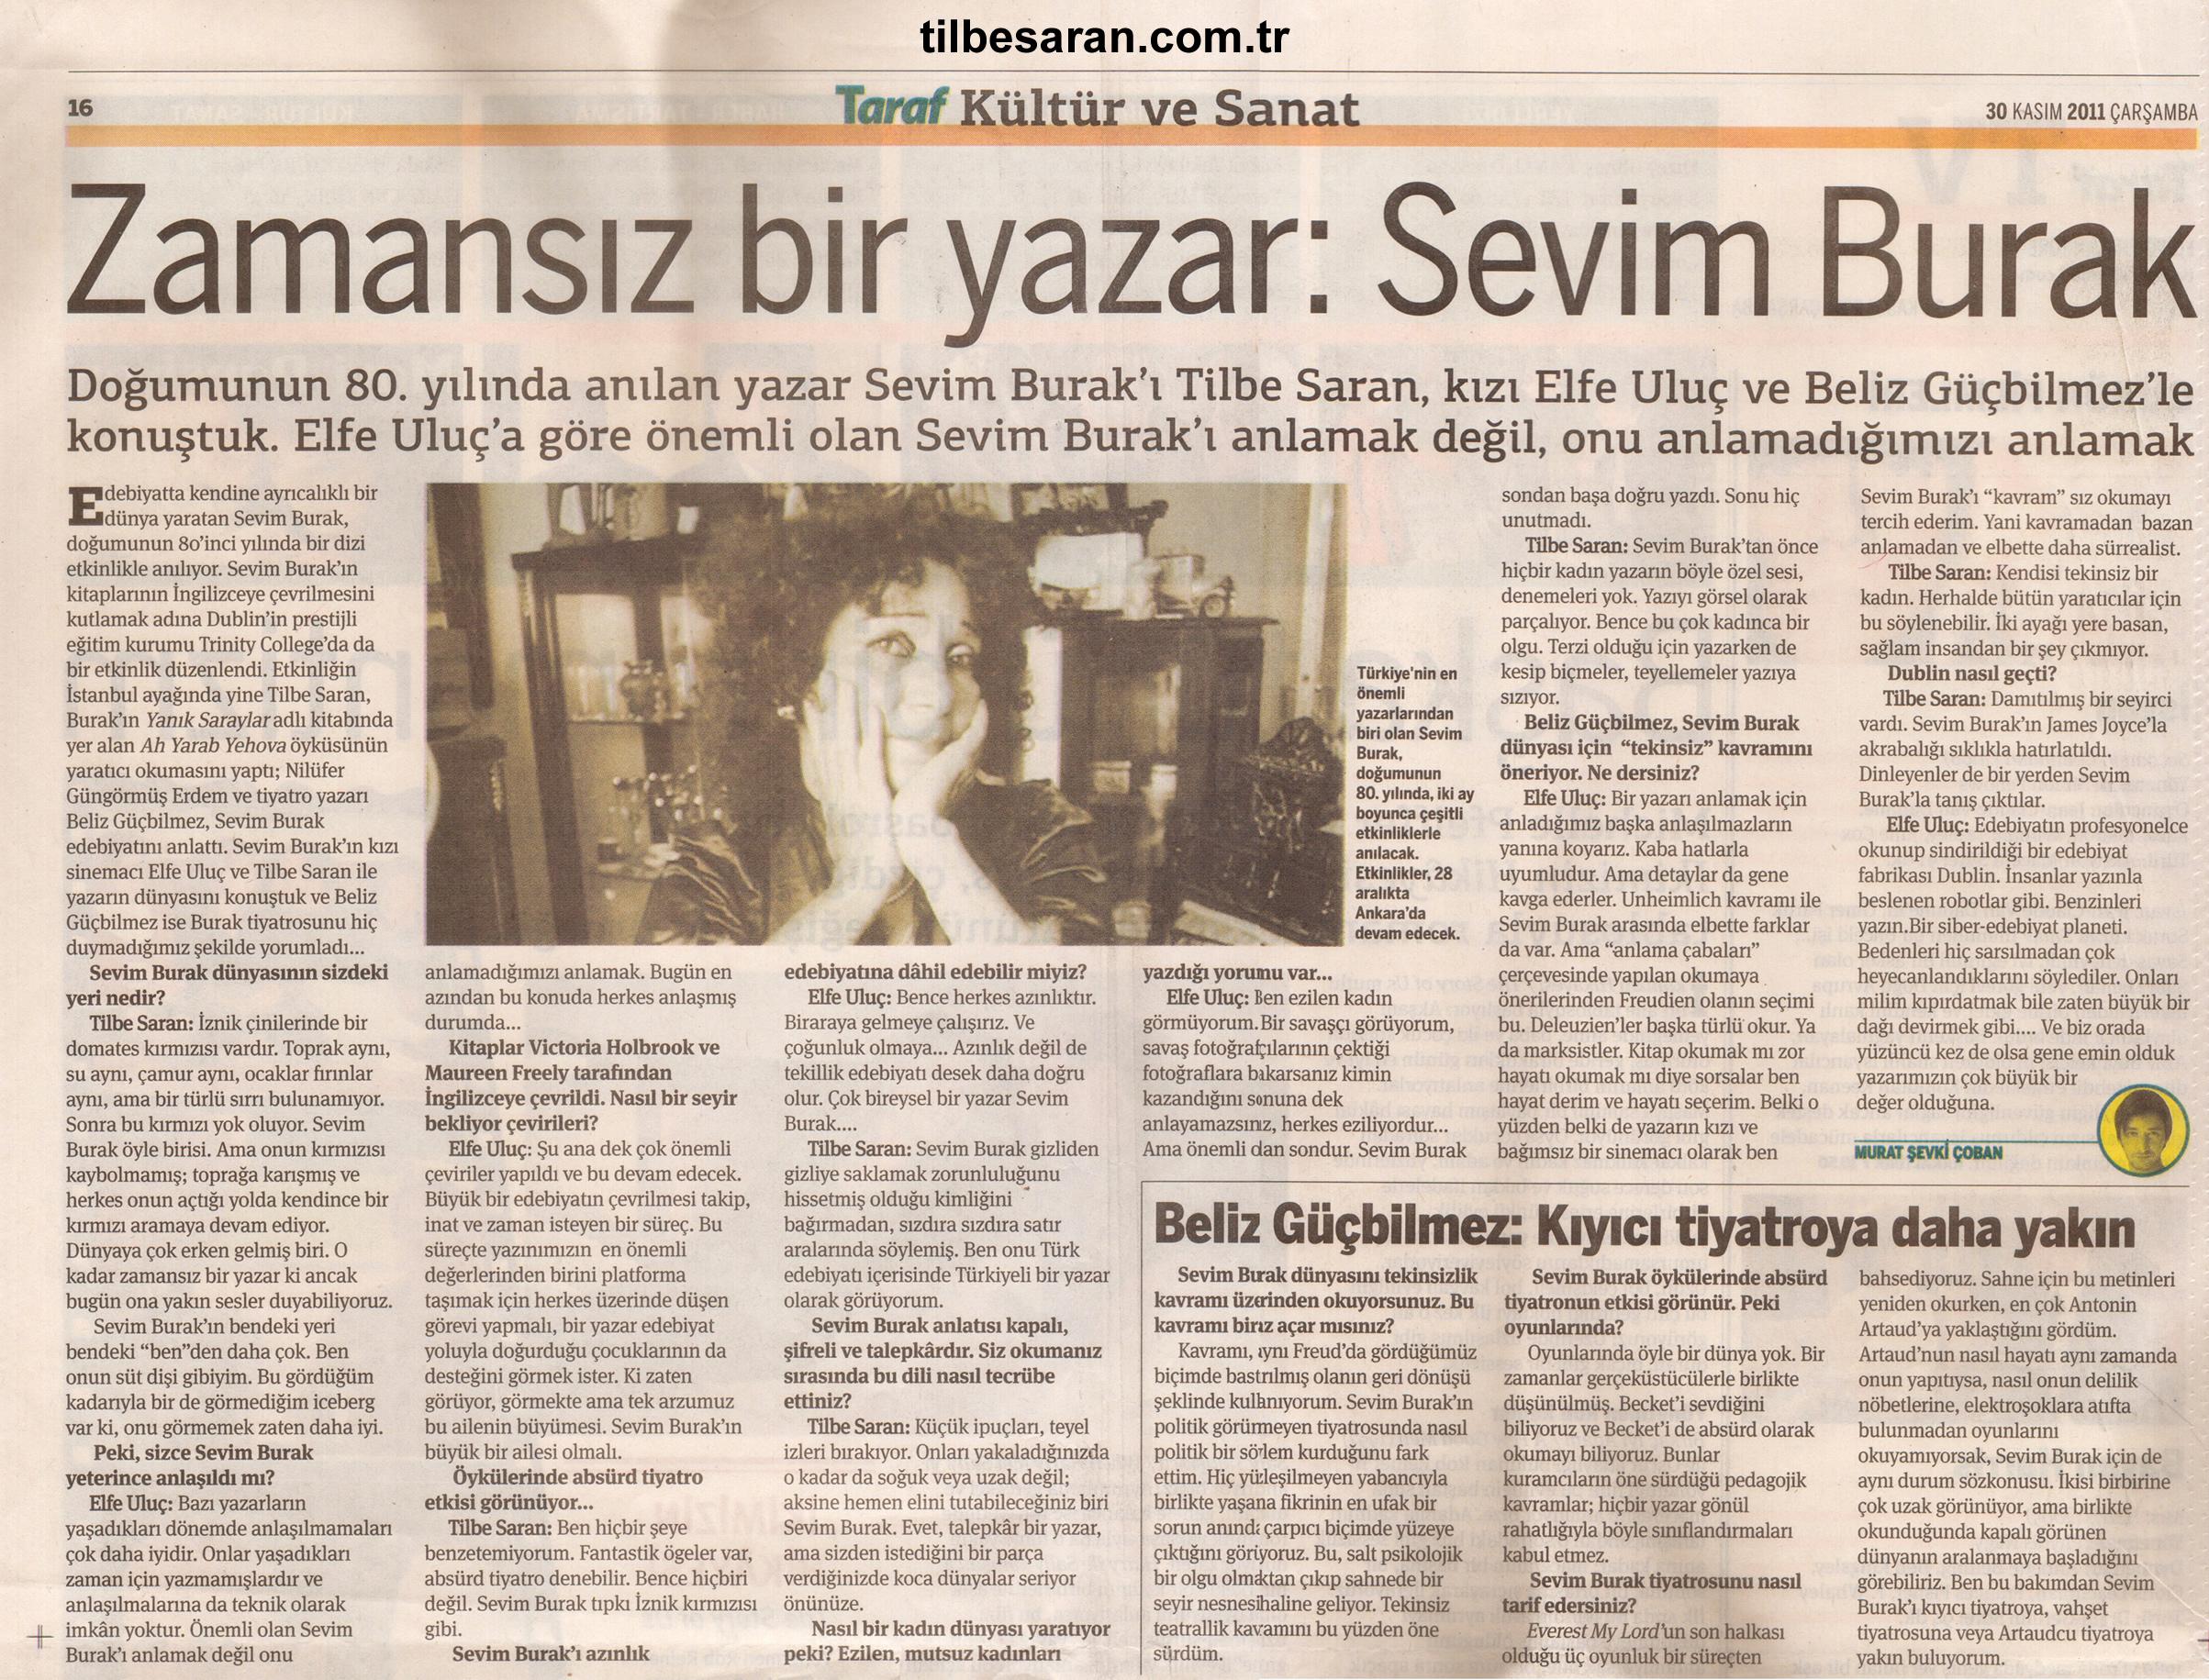 30-11-2011_taraf_tilbe_saran